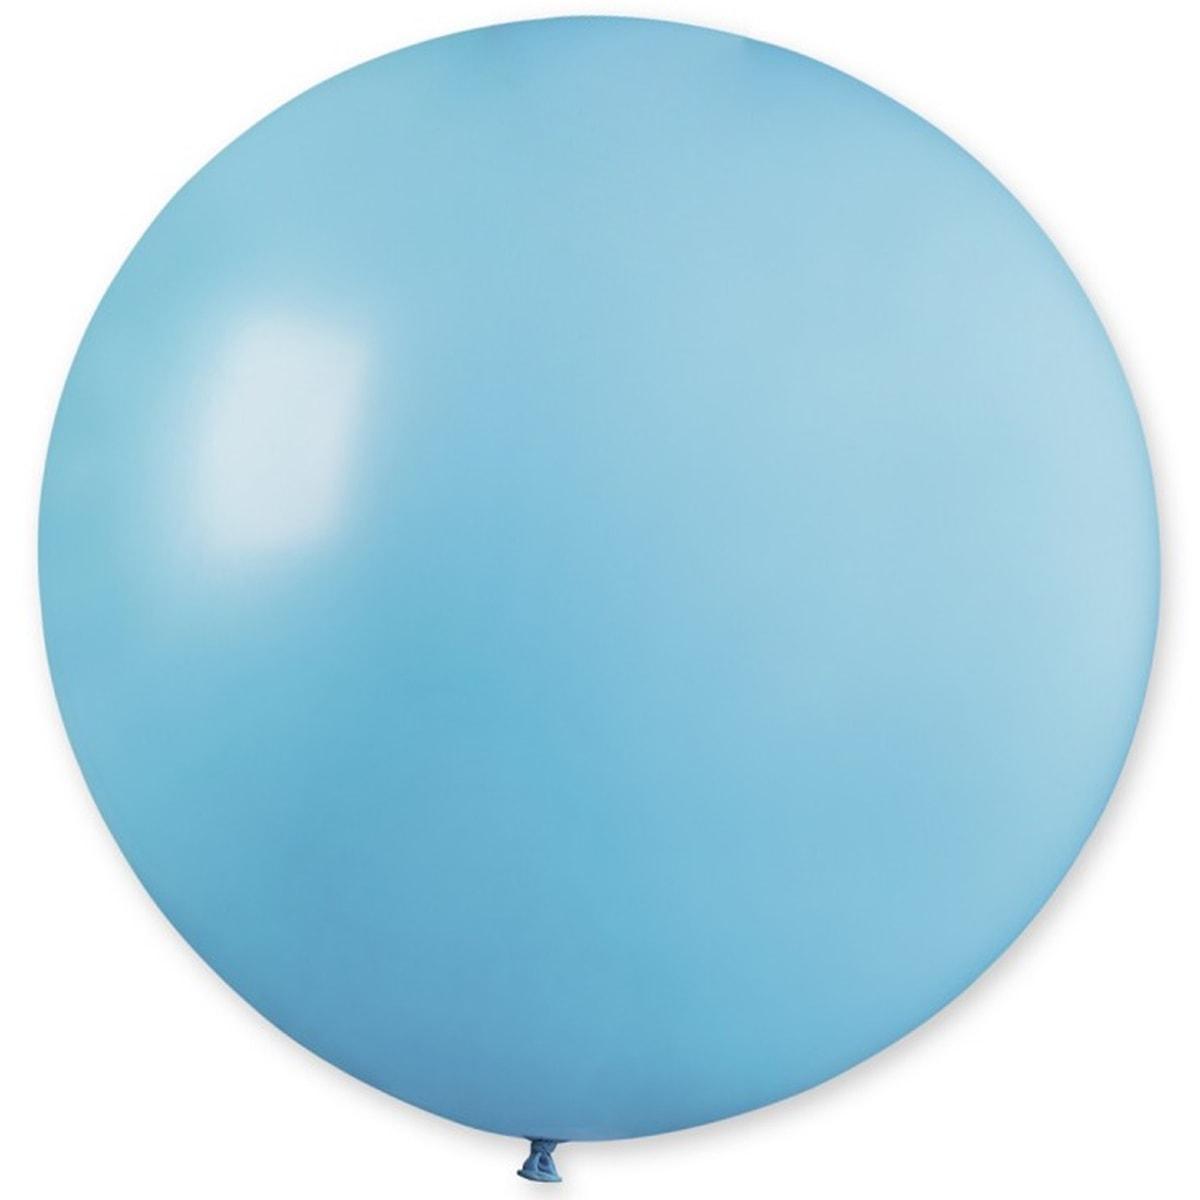 Воздушный шар 31' пастель Gemar G220-72 Голубой матовый, без полосок (80 см)